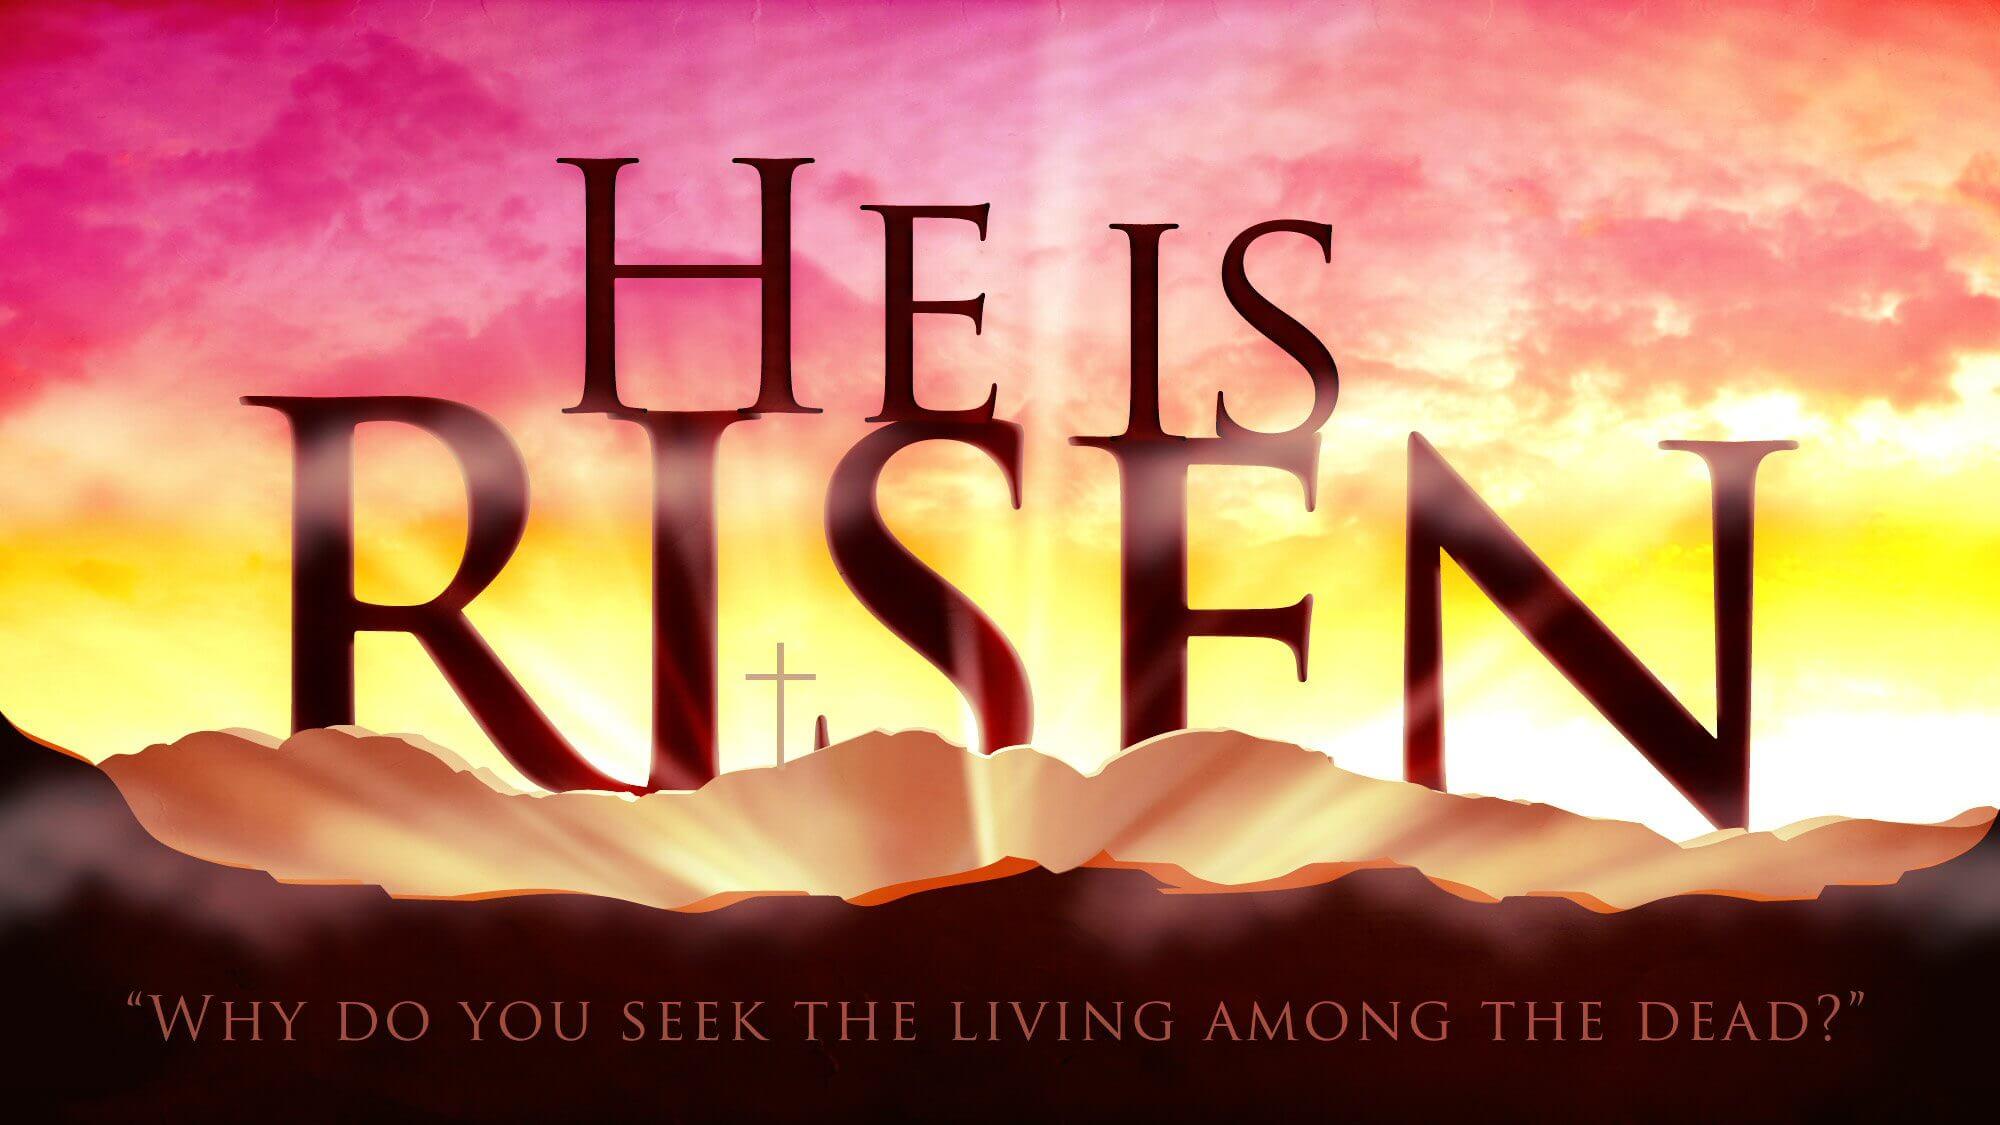 happy easter he is risen resurrected alive eternal life wallpaper